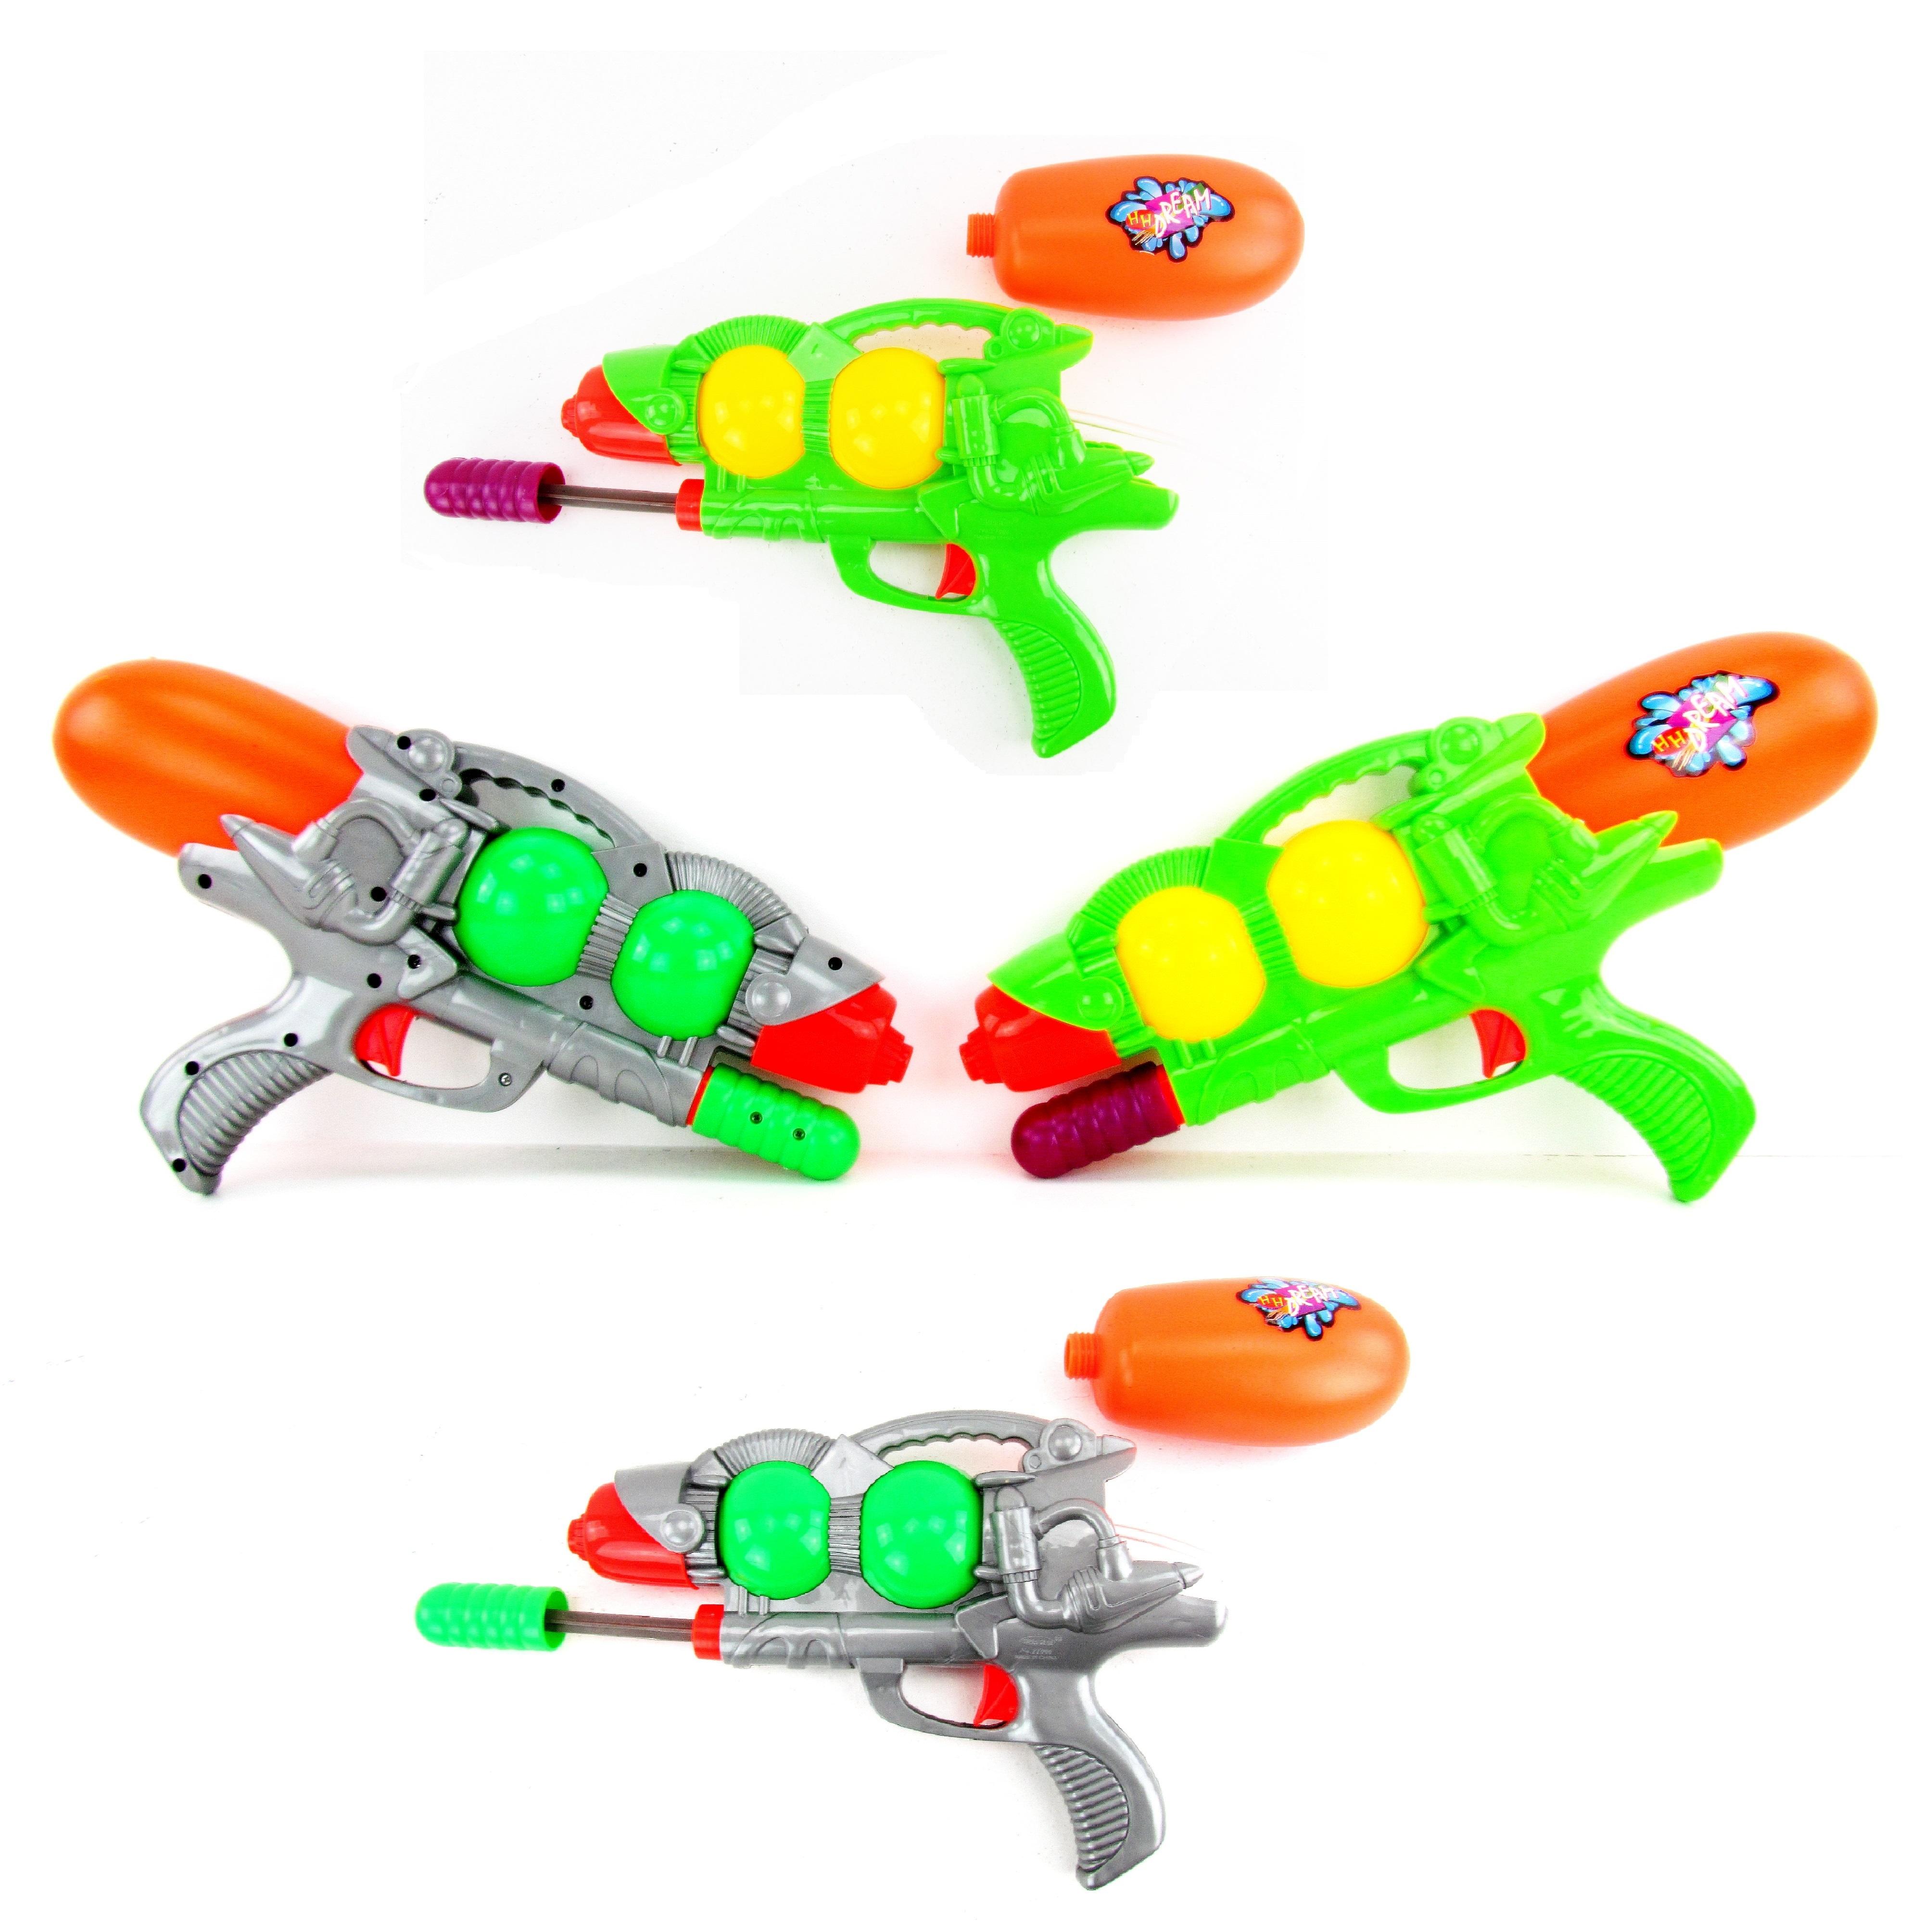 kauf-4you - wasserspritze wasserpistolen wasser pistole wassergun